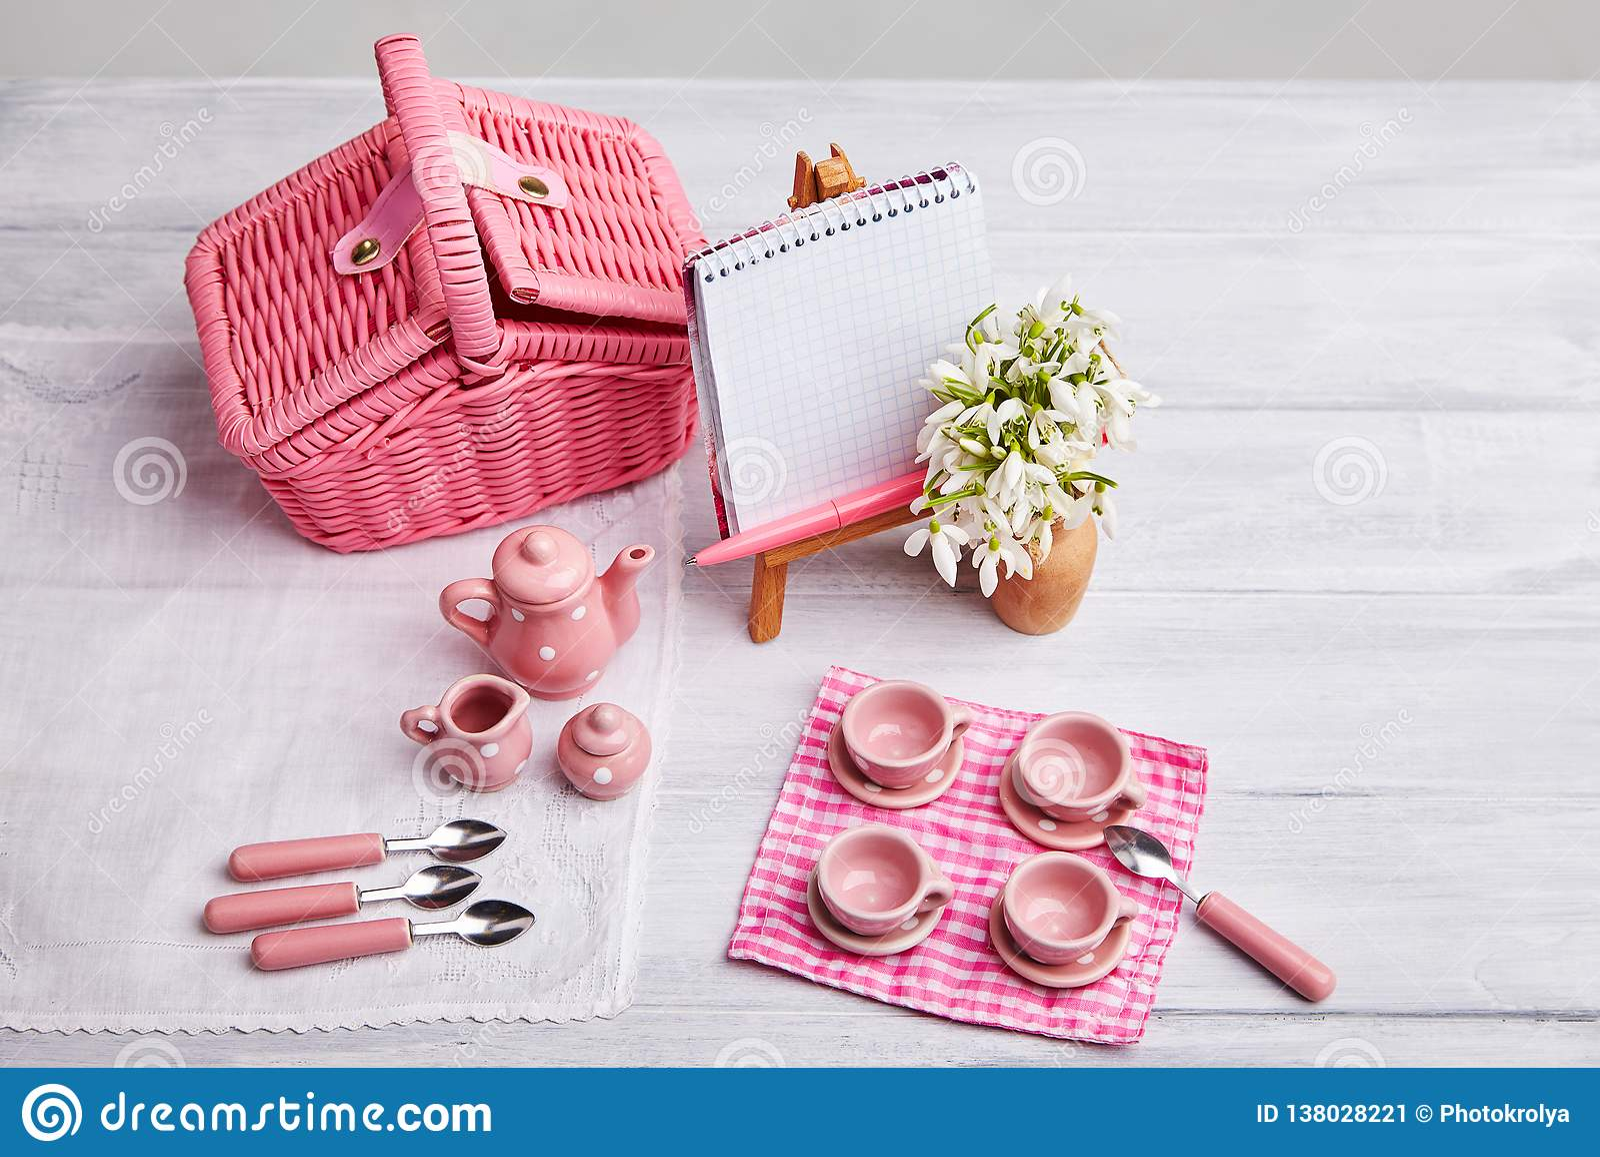 Picknickkarte mit Gedeck und Schneeglöckchen, Tafelsilber,